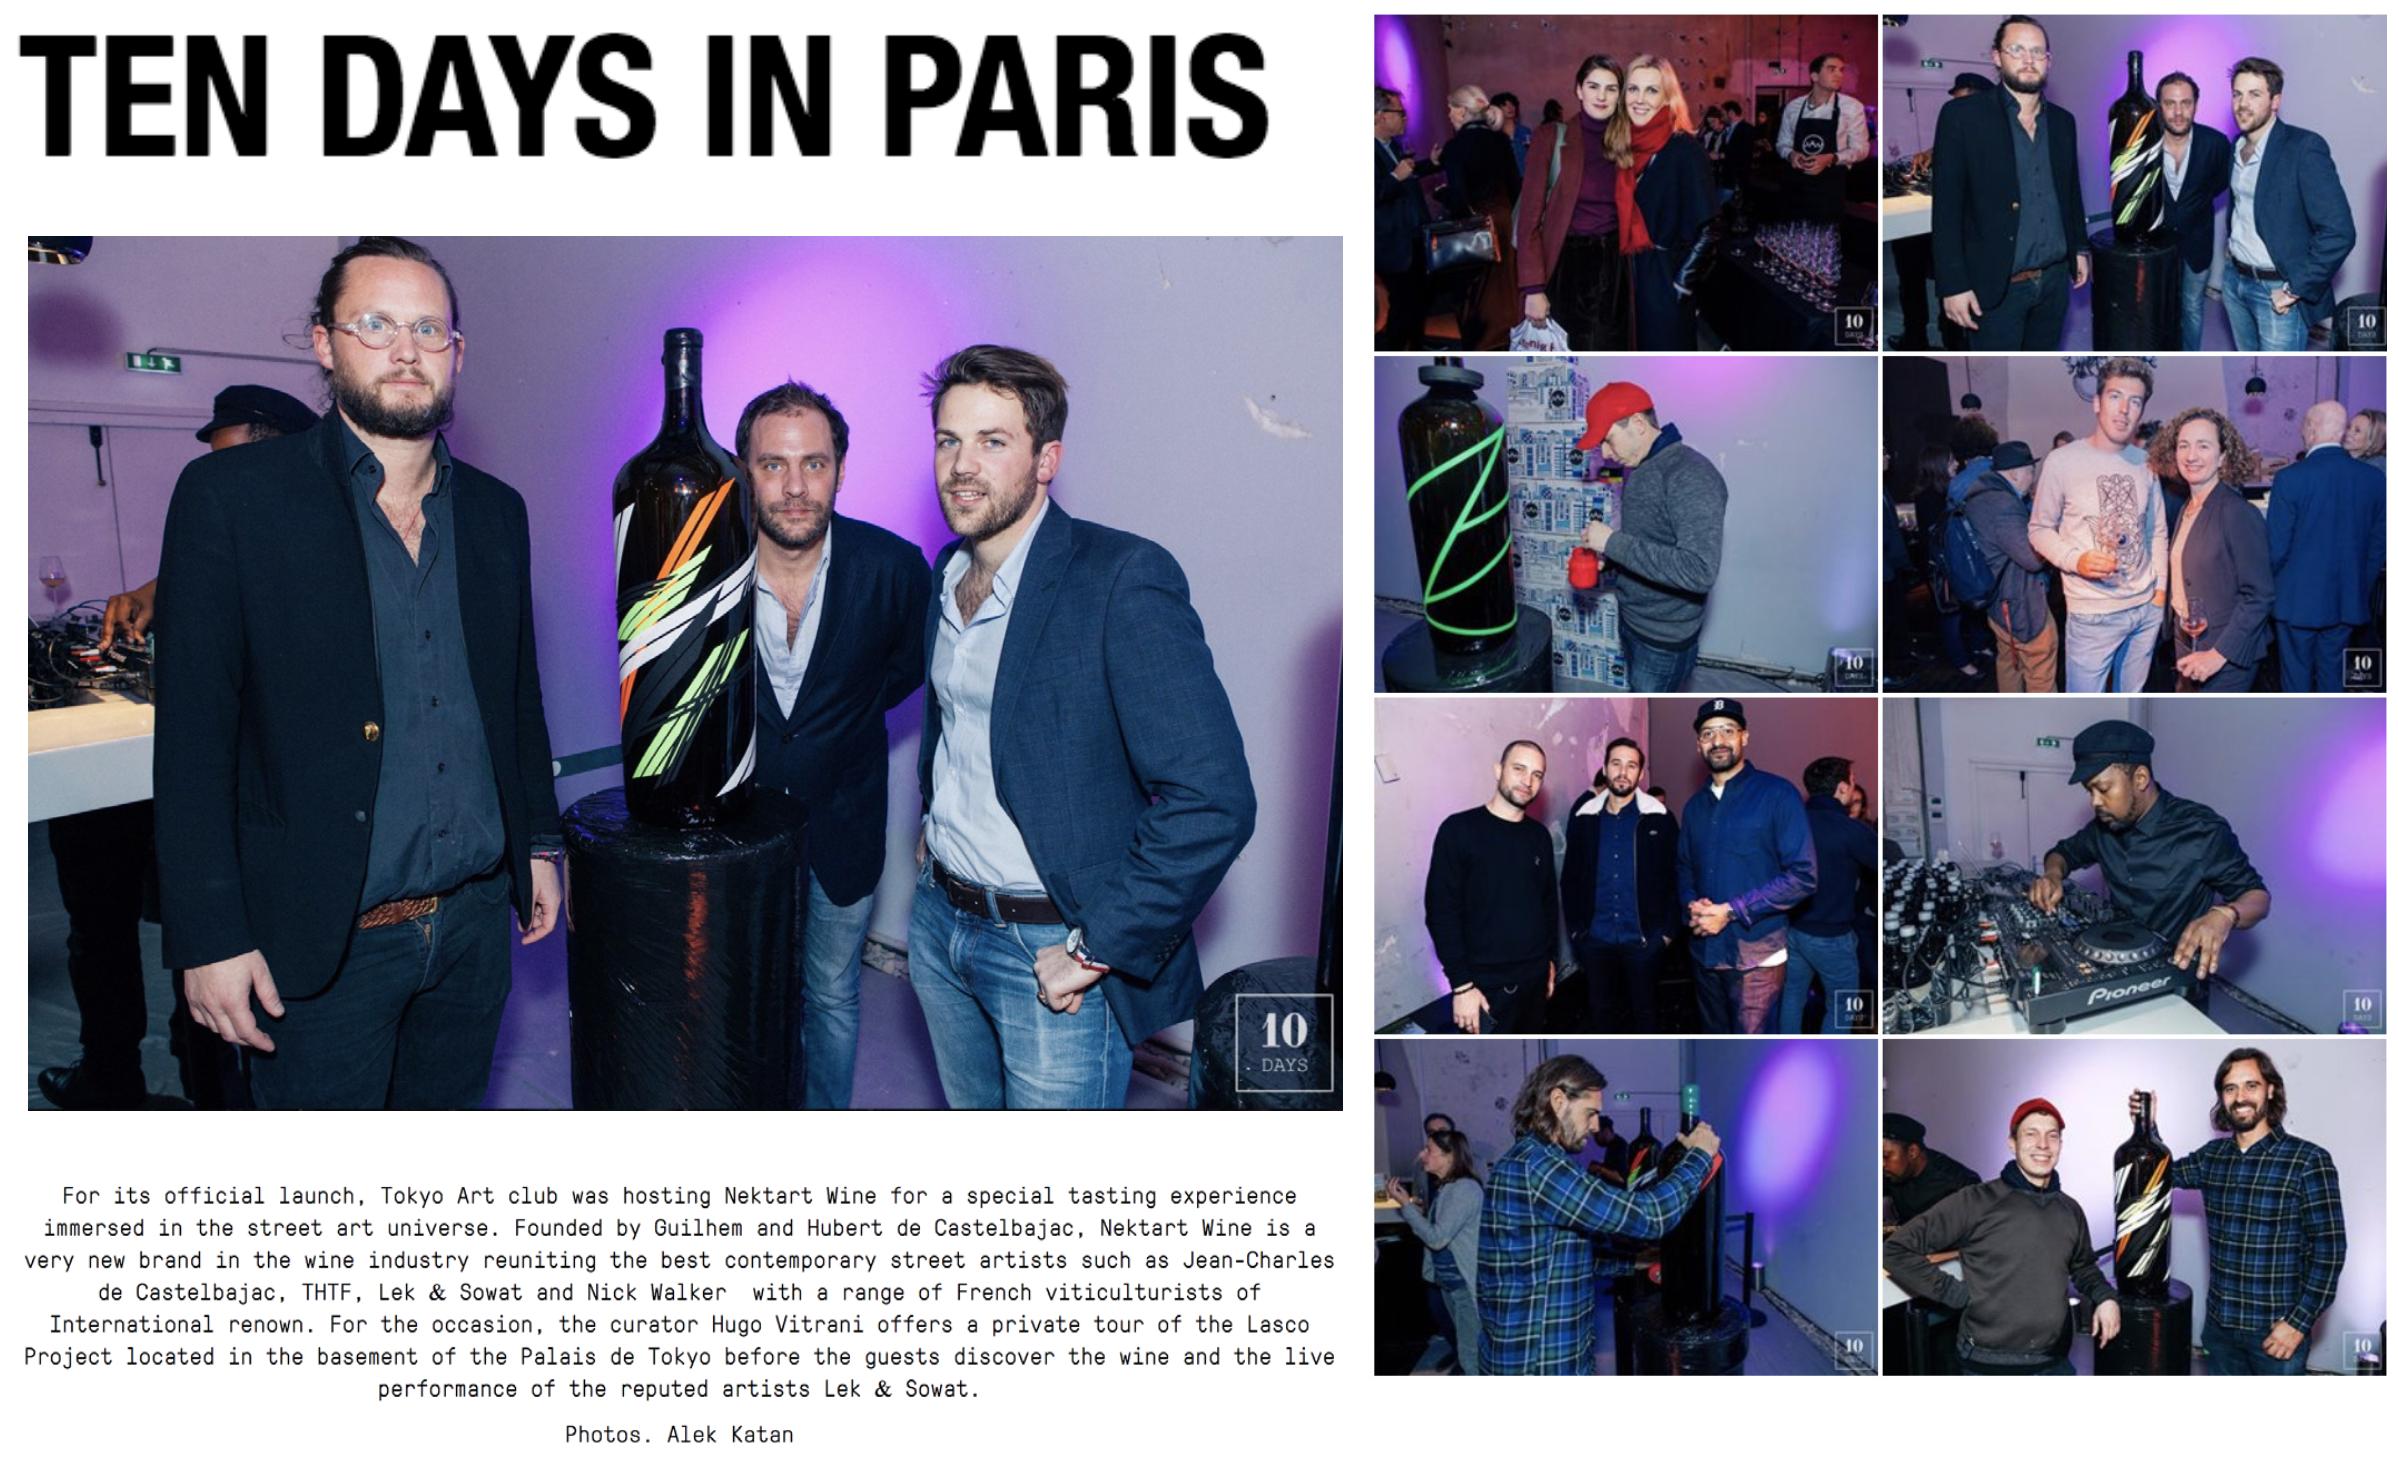 TEN DAYS IN PARIS  Décembre 2017